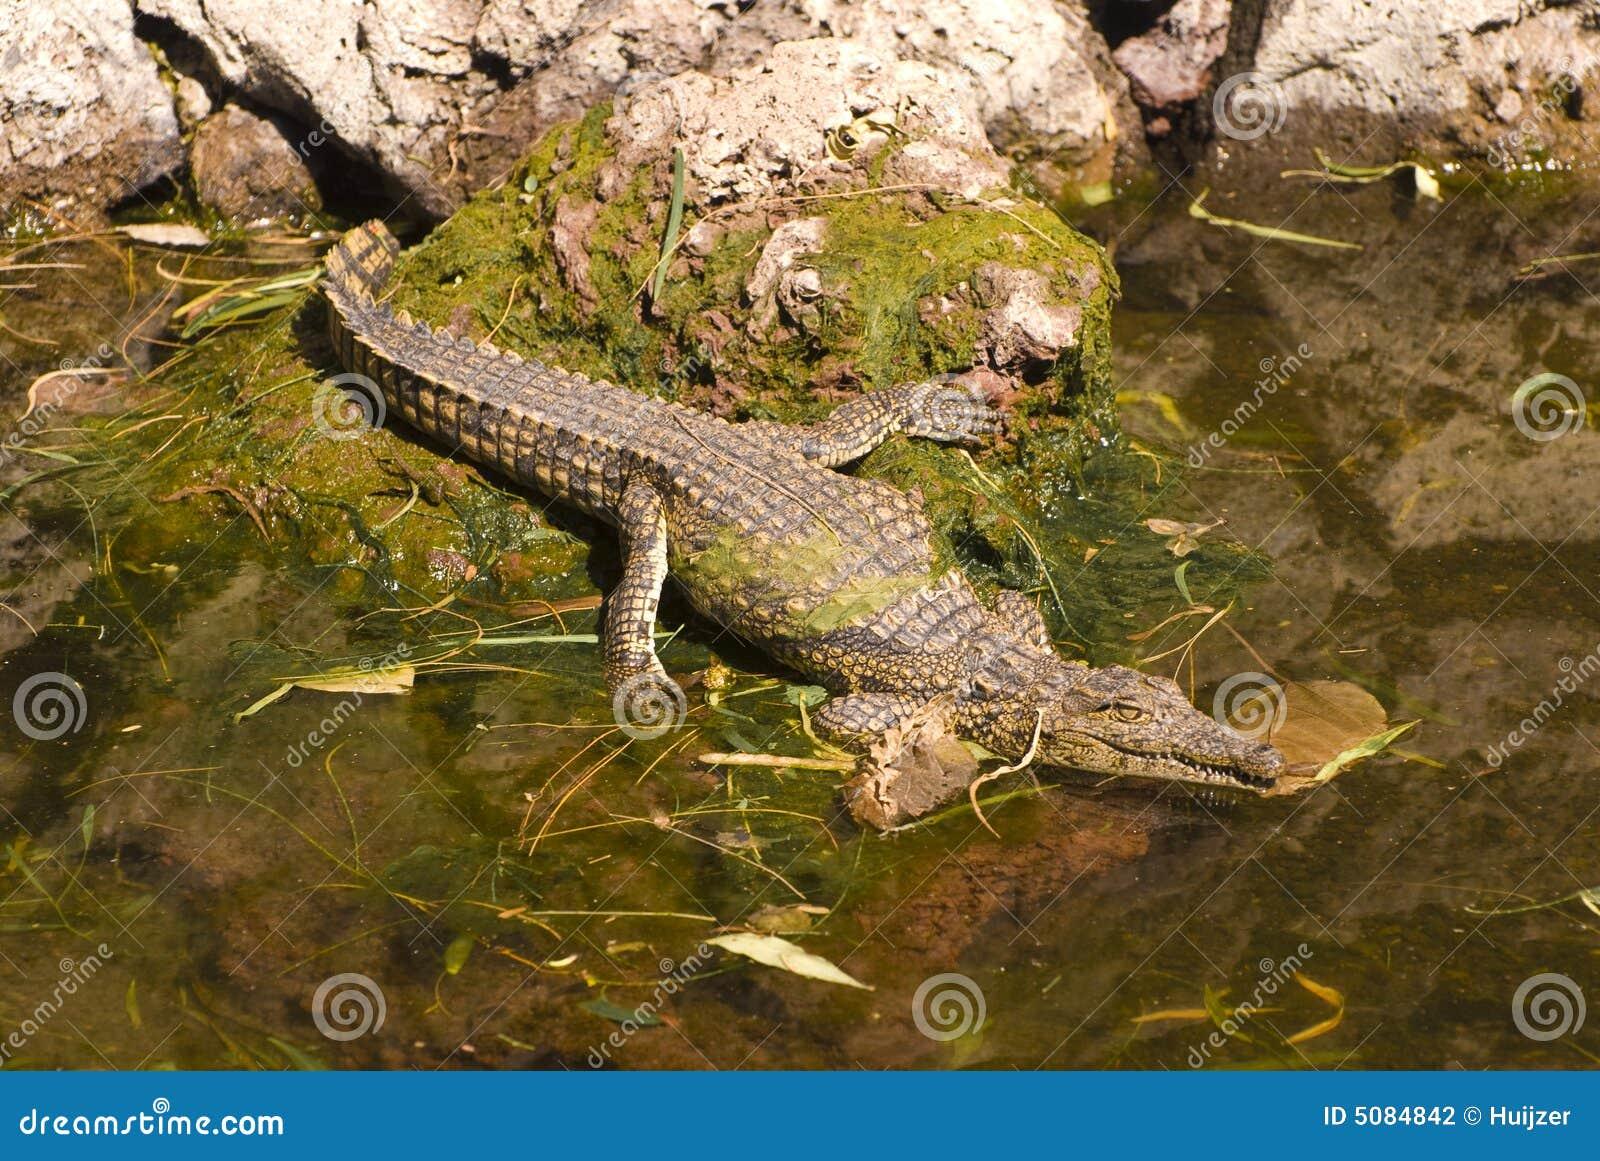 Krokodil im Wasser (Krokodil Mississippiensis)